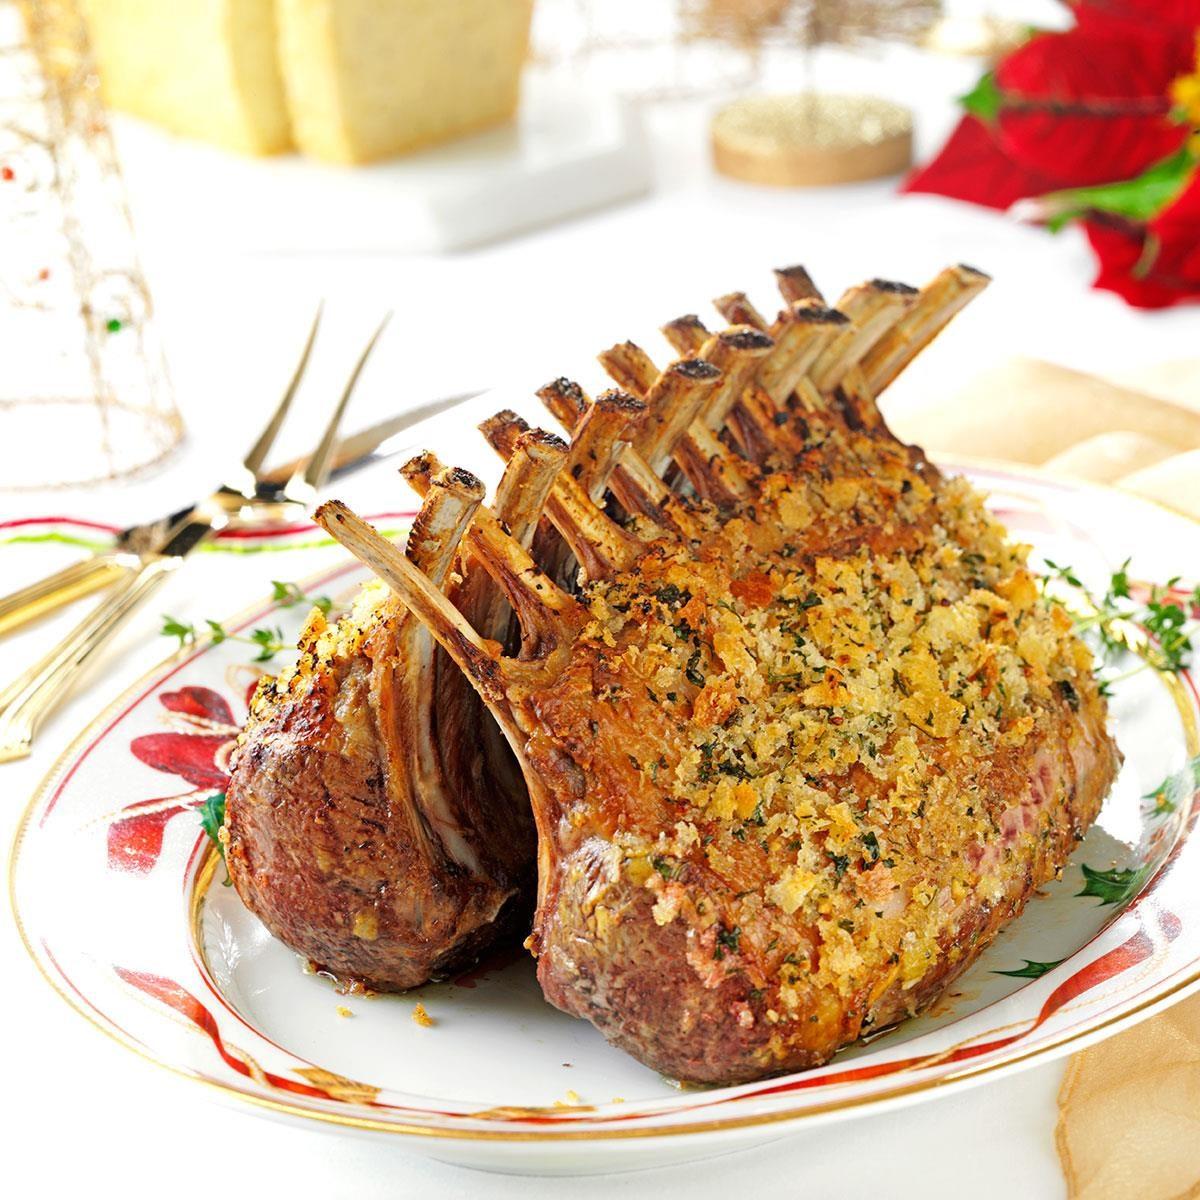 Herb-Crusted Rack of Lamb